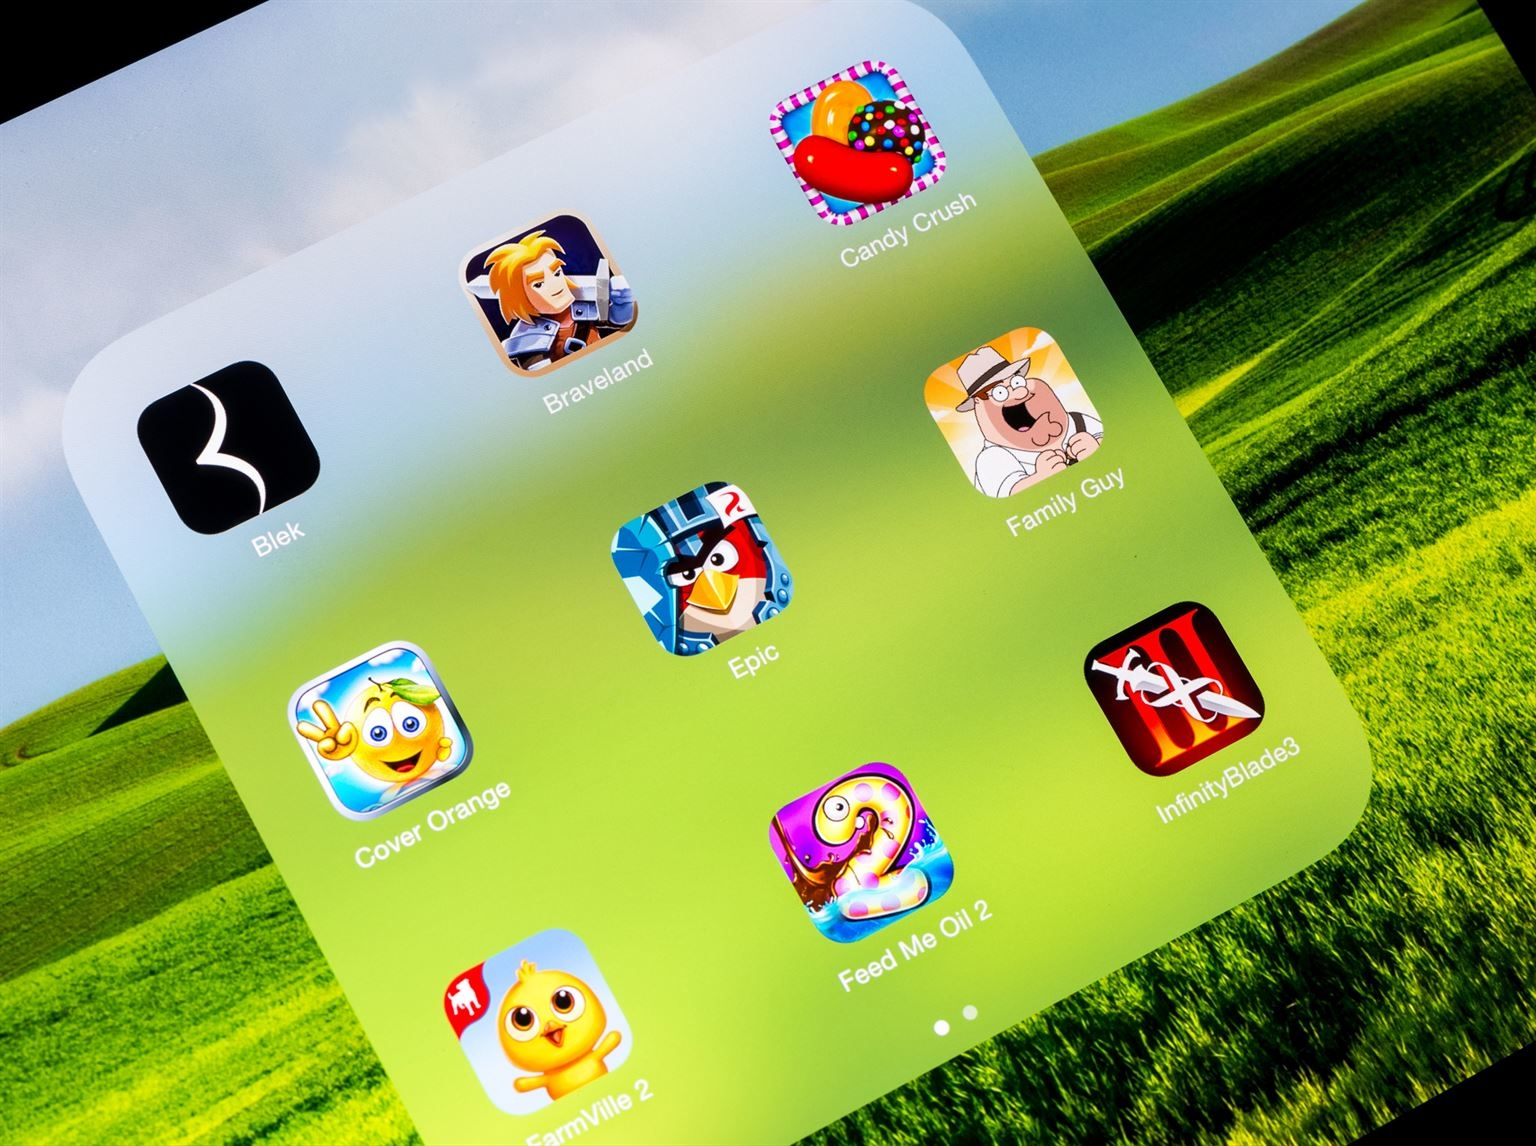 Jeux Sur Tablette: 64 Choix Pour Enfants | Protégez-Vous.ca encequiconcerne Jeux Gratuit Pour Garcon De 4 Ans